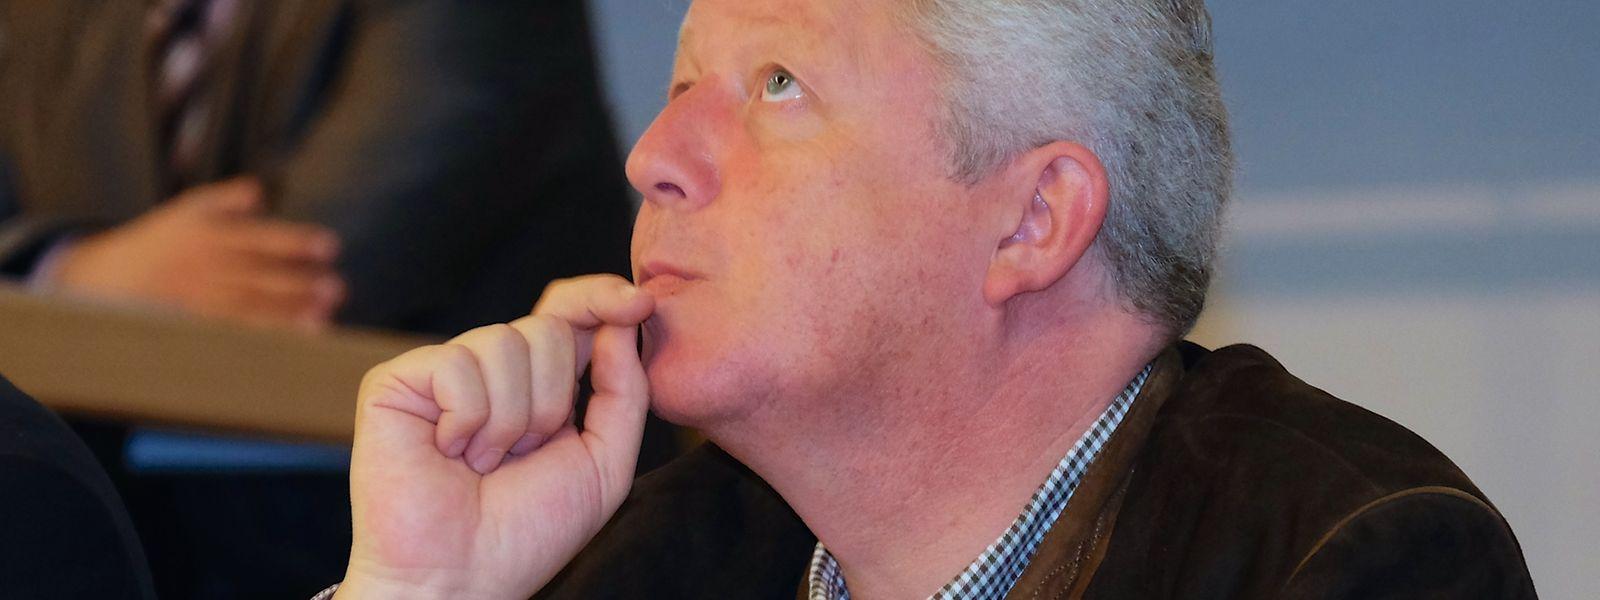 Roy Reding plädiert dafür, dass Mietern, die in finanzielle Schwierigkeiten geraten, vom Sozialamt geholfen wird.